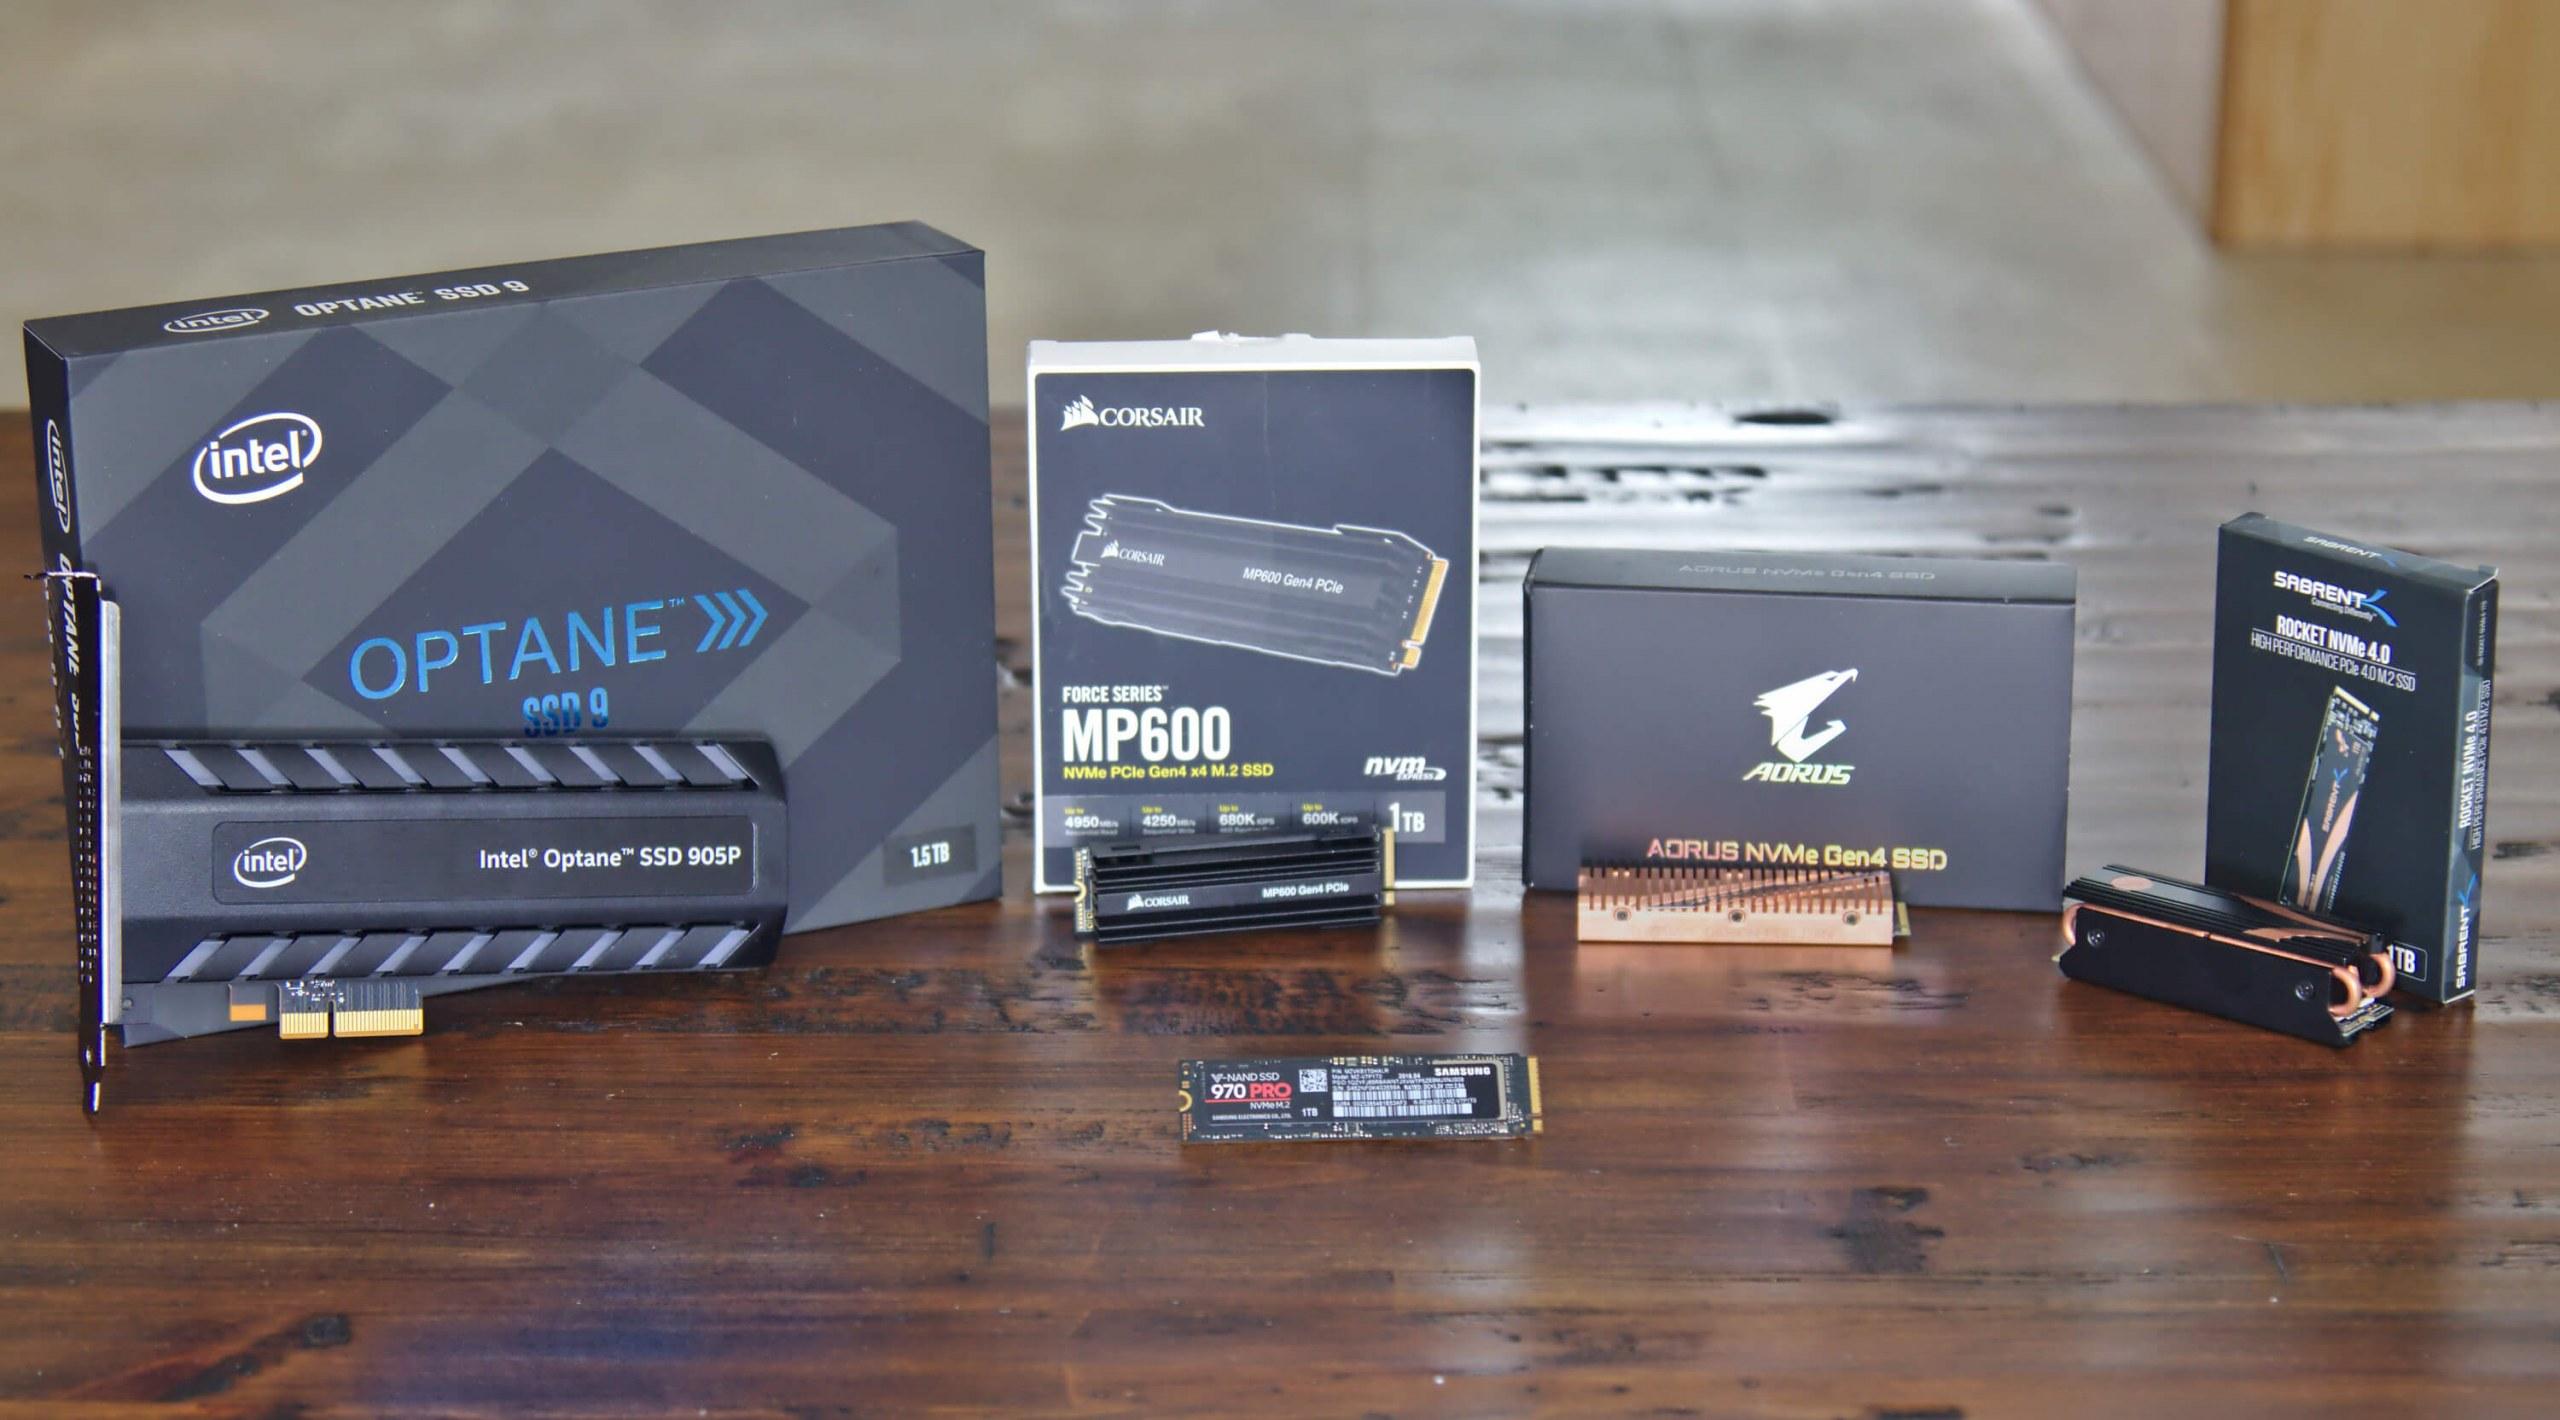 هارد SSD قسمت سوم – مقایسه هاردهای اس اس دی PCIe 4.0 و PCIe 3.0